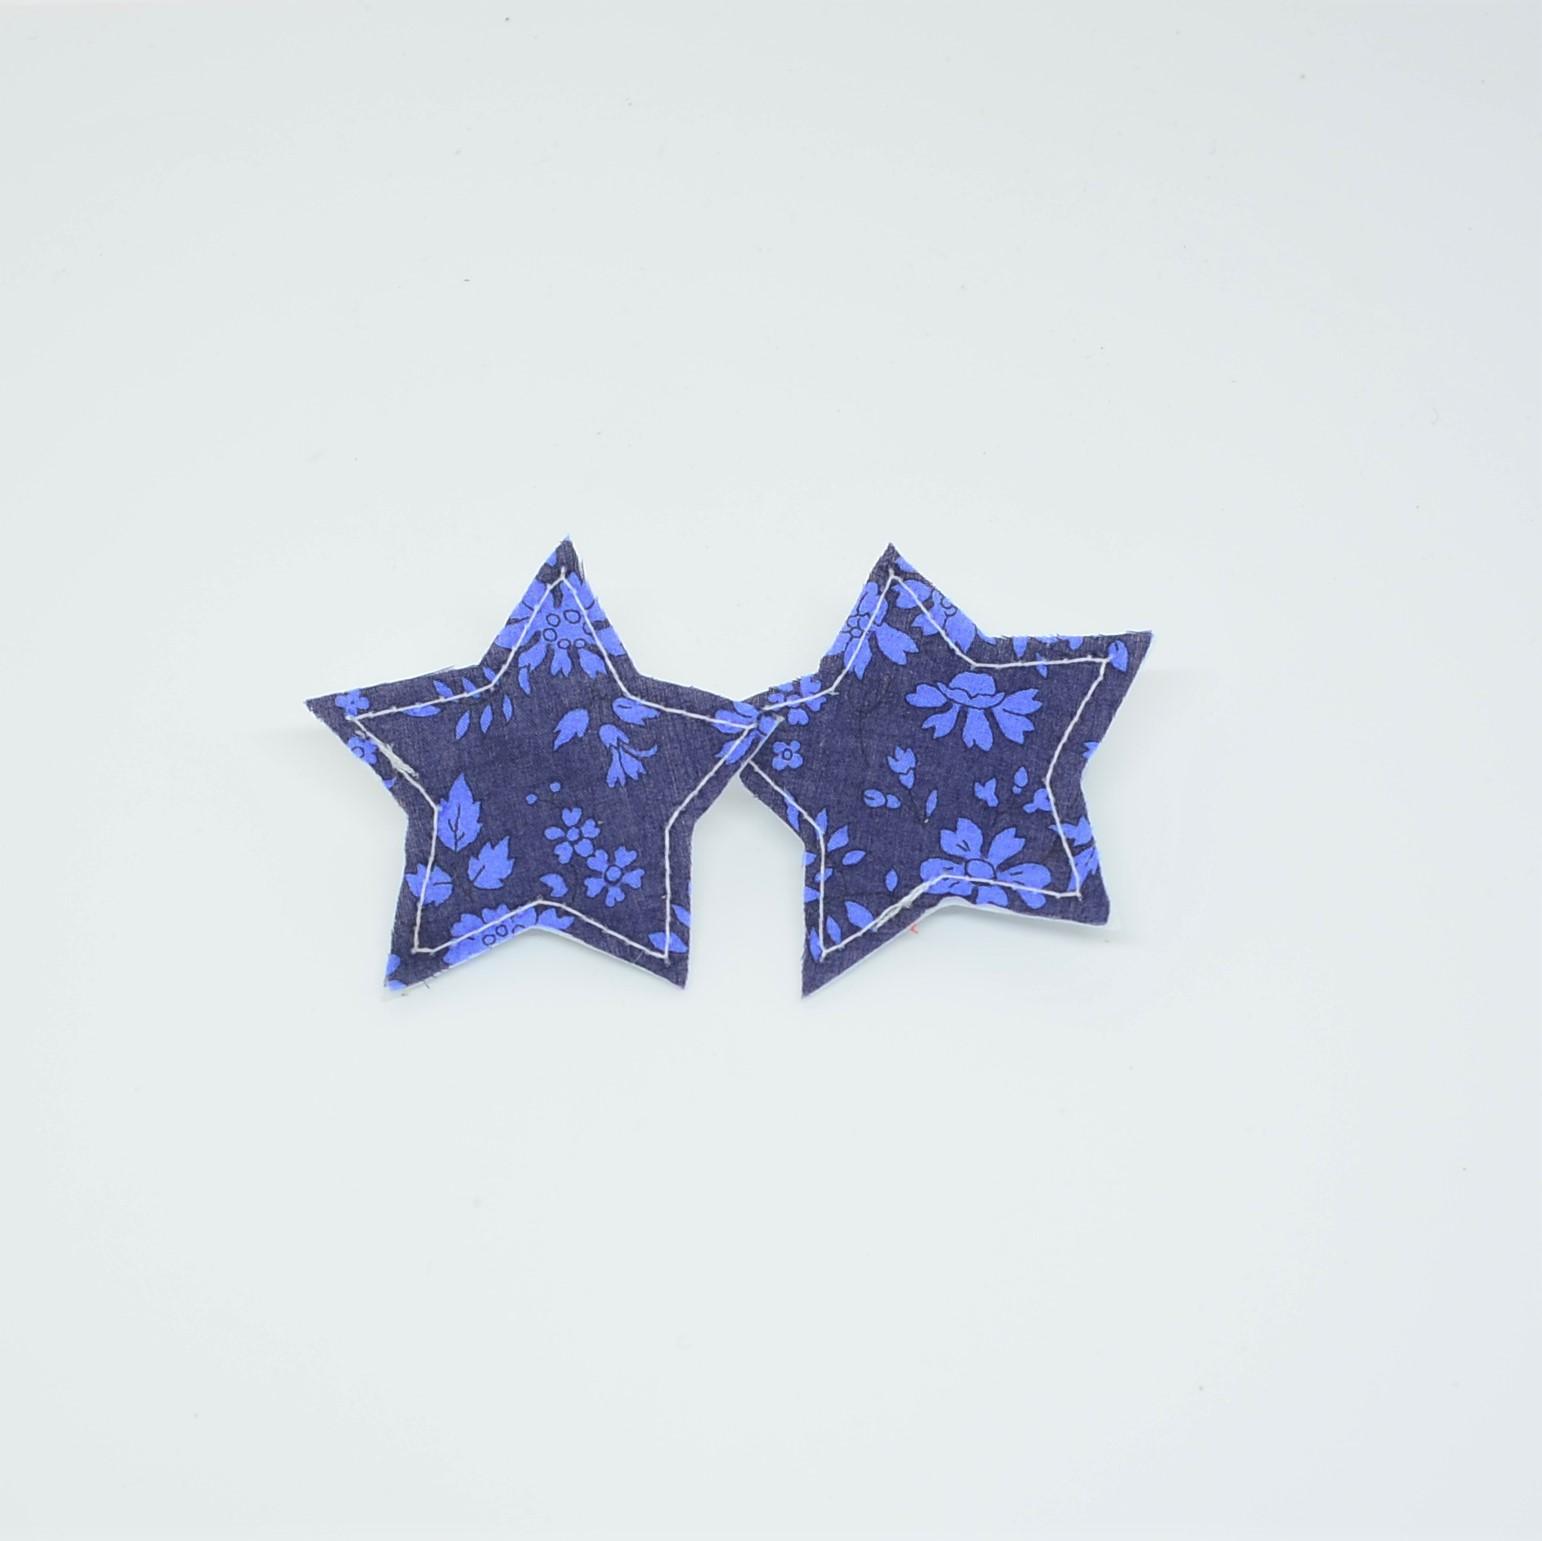 Barrette Etoile petite taille Liberty Capel bleu nuit. Lot de 2--9995867947029